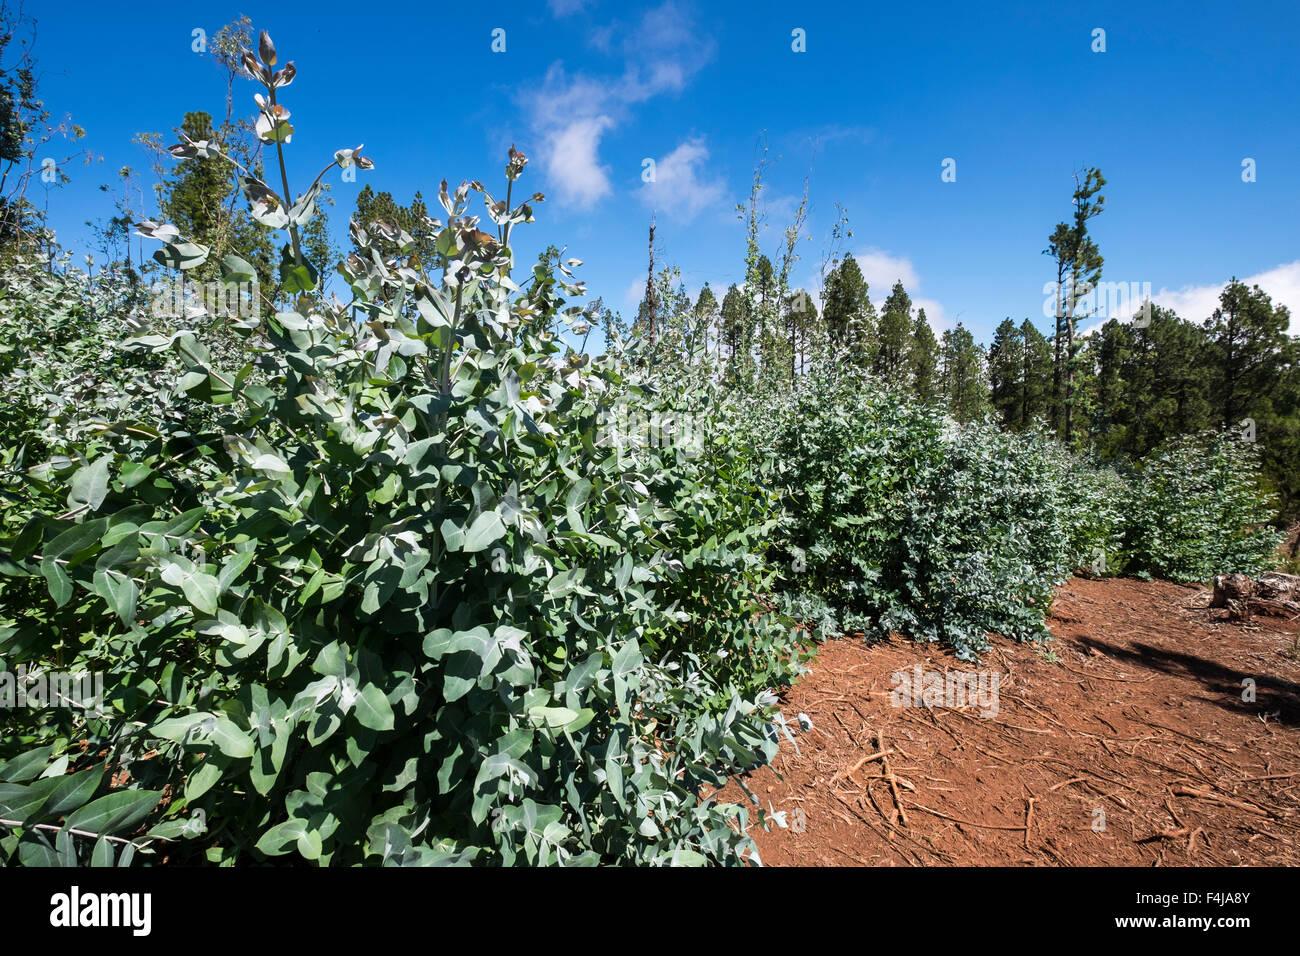 Eucalyptus globulus, Tasmanian blue gum, trees in a nursery in the la Esperanza forest area of Tenerife, Canary - Stock Image